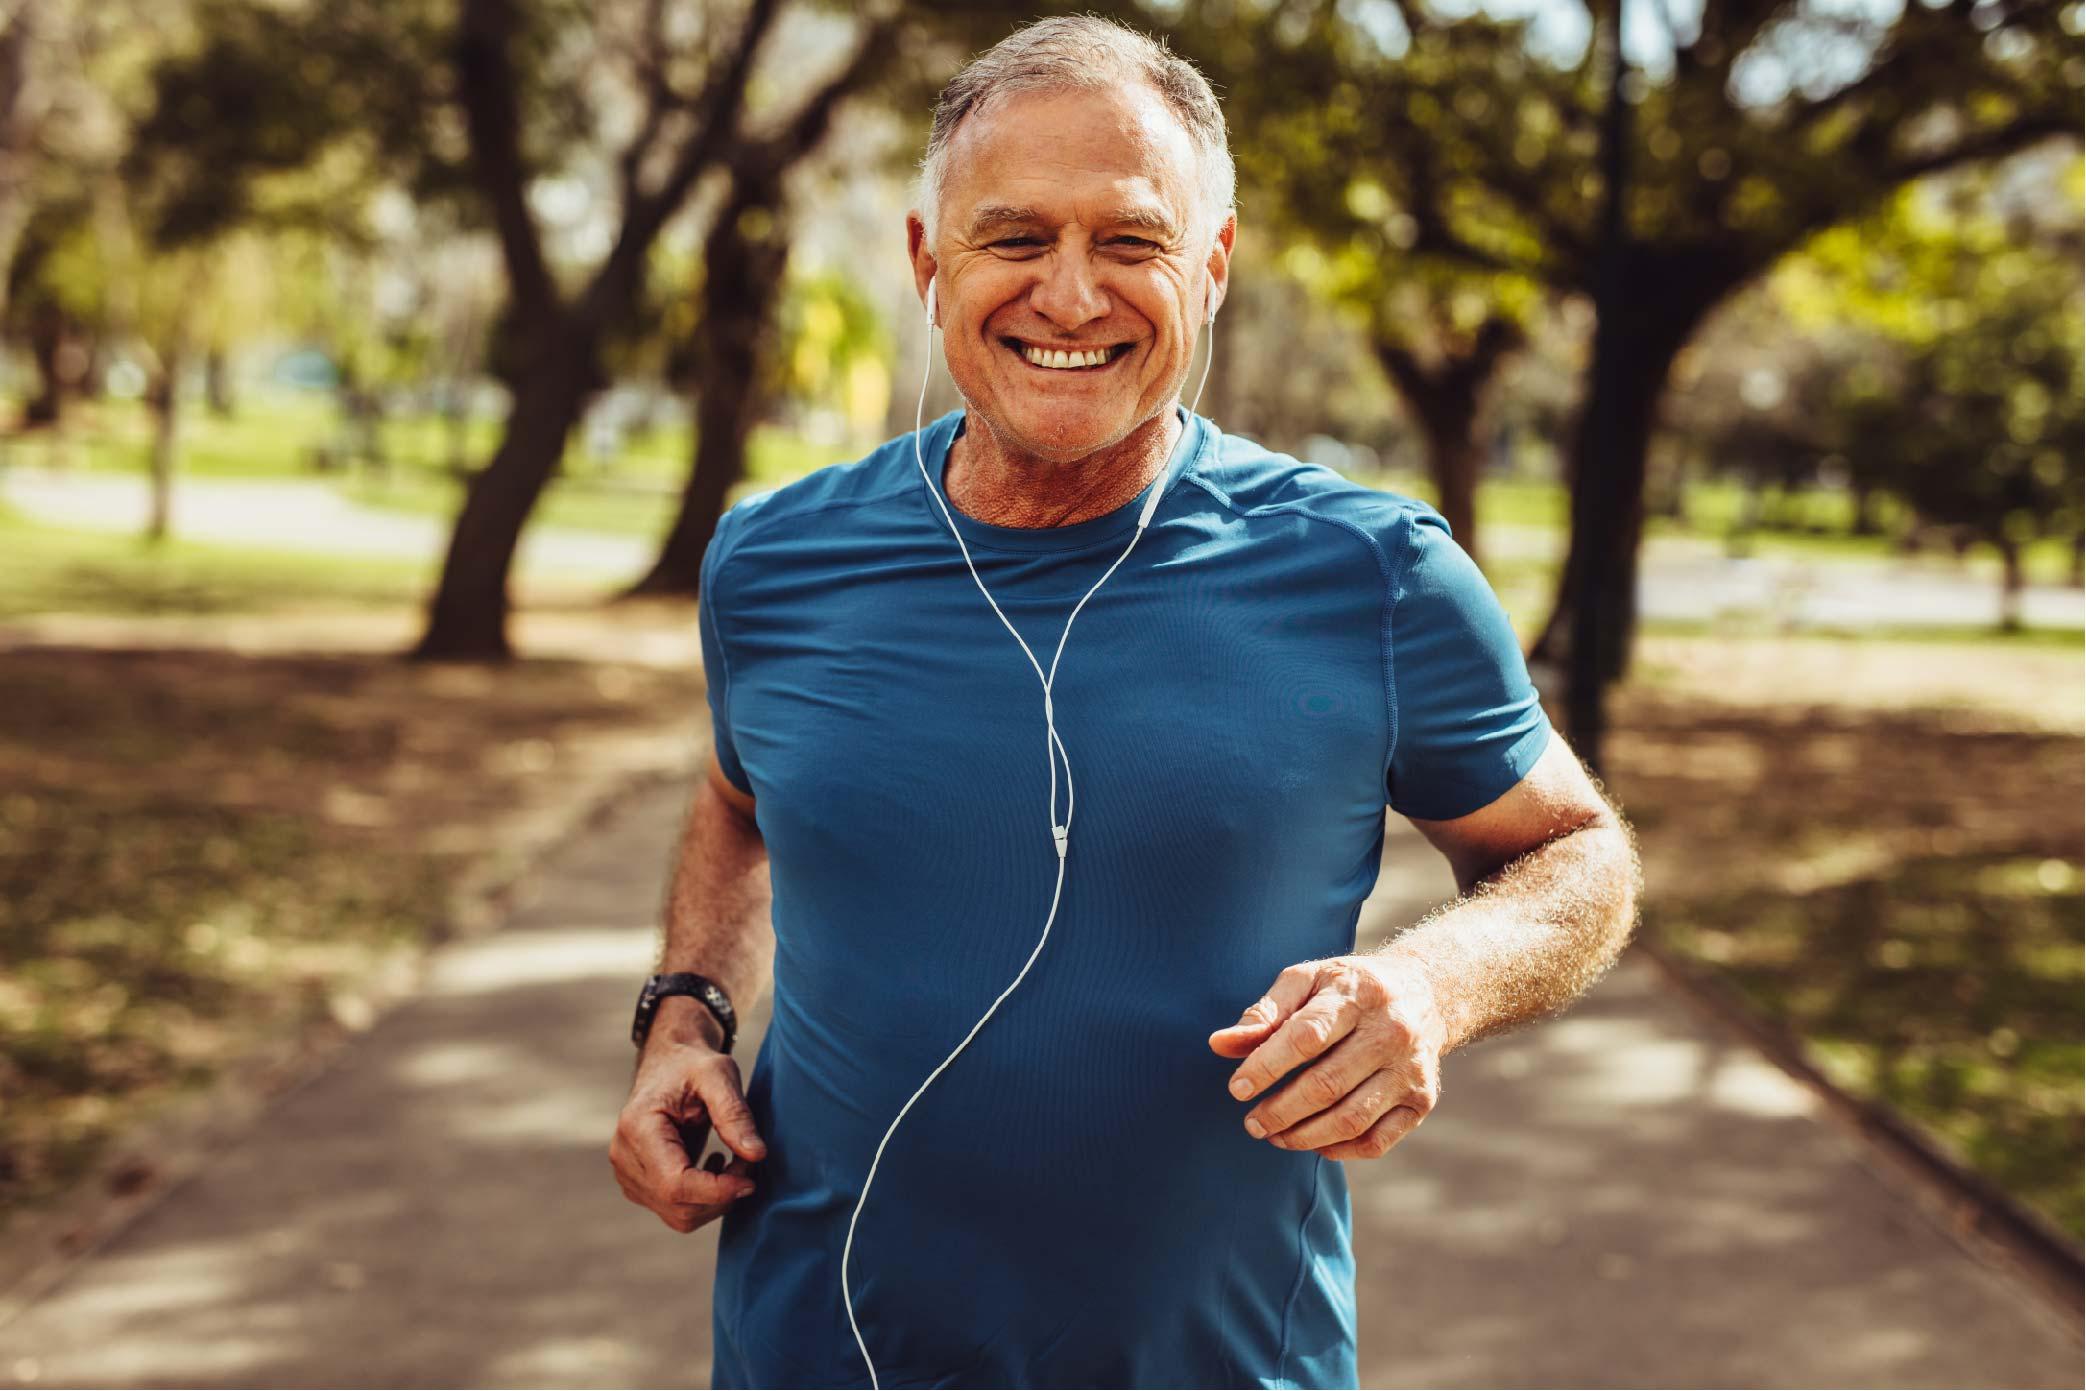 Prevenção é o caminho para envelhecer com saúde